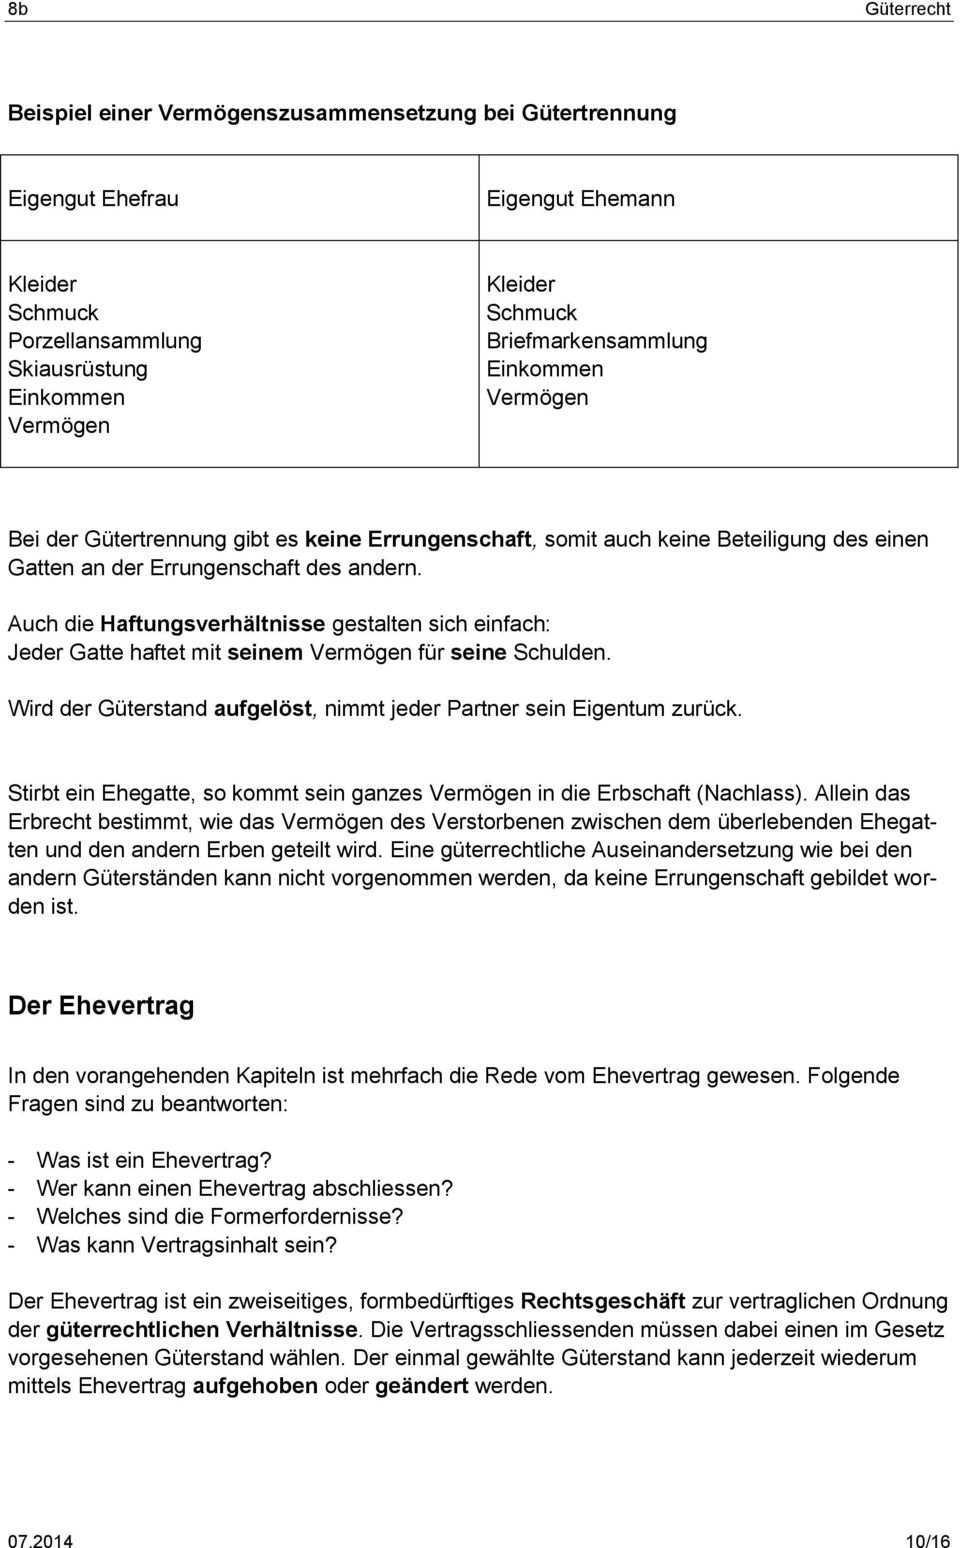 Guterrecht Rechtliche Grundlagen Zweck Die Guterstande Pdf Free Download